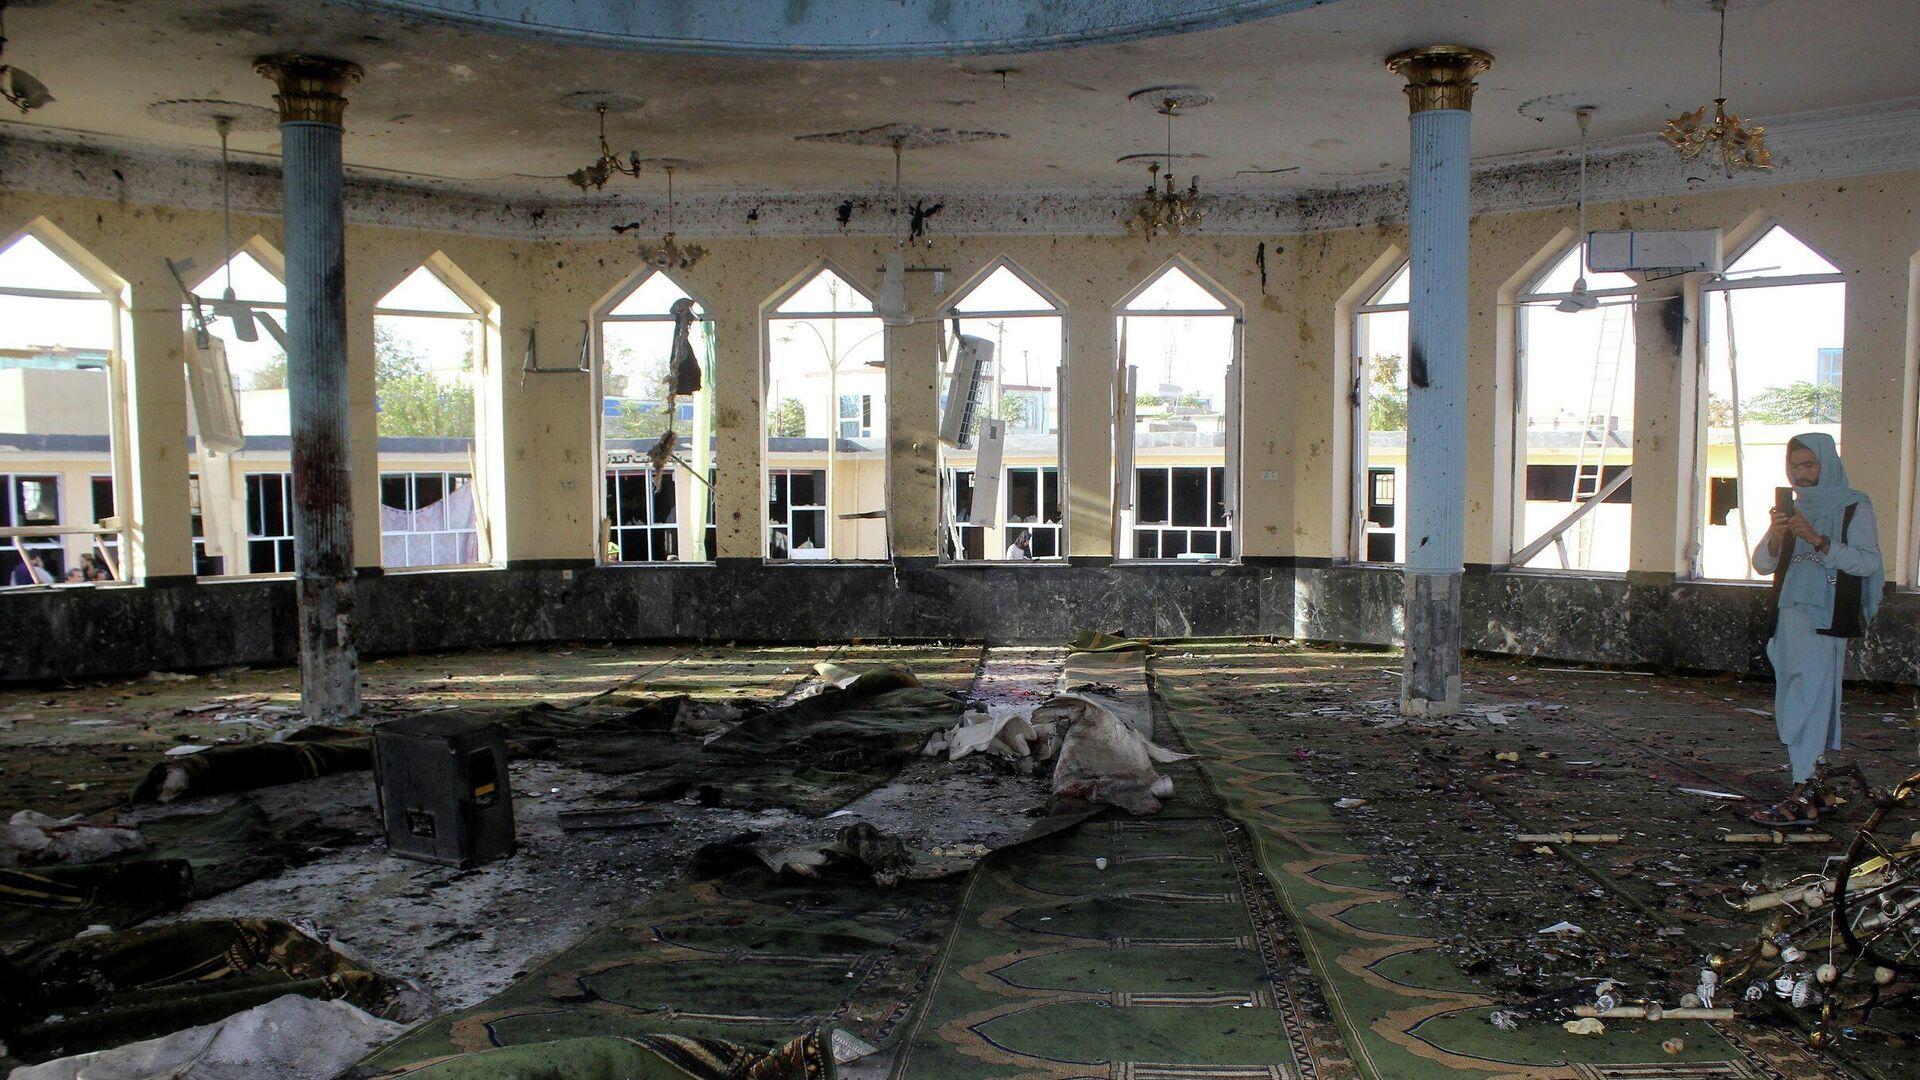 Consecuencias de explosión en una mezquita en Kunduz, Afganistán - Sputnik Mundo, 1920, 09.10.2021